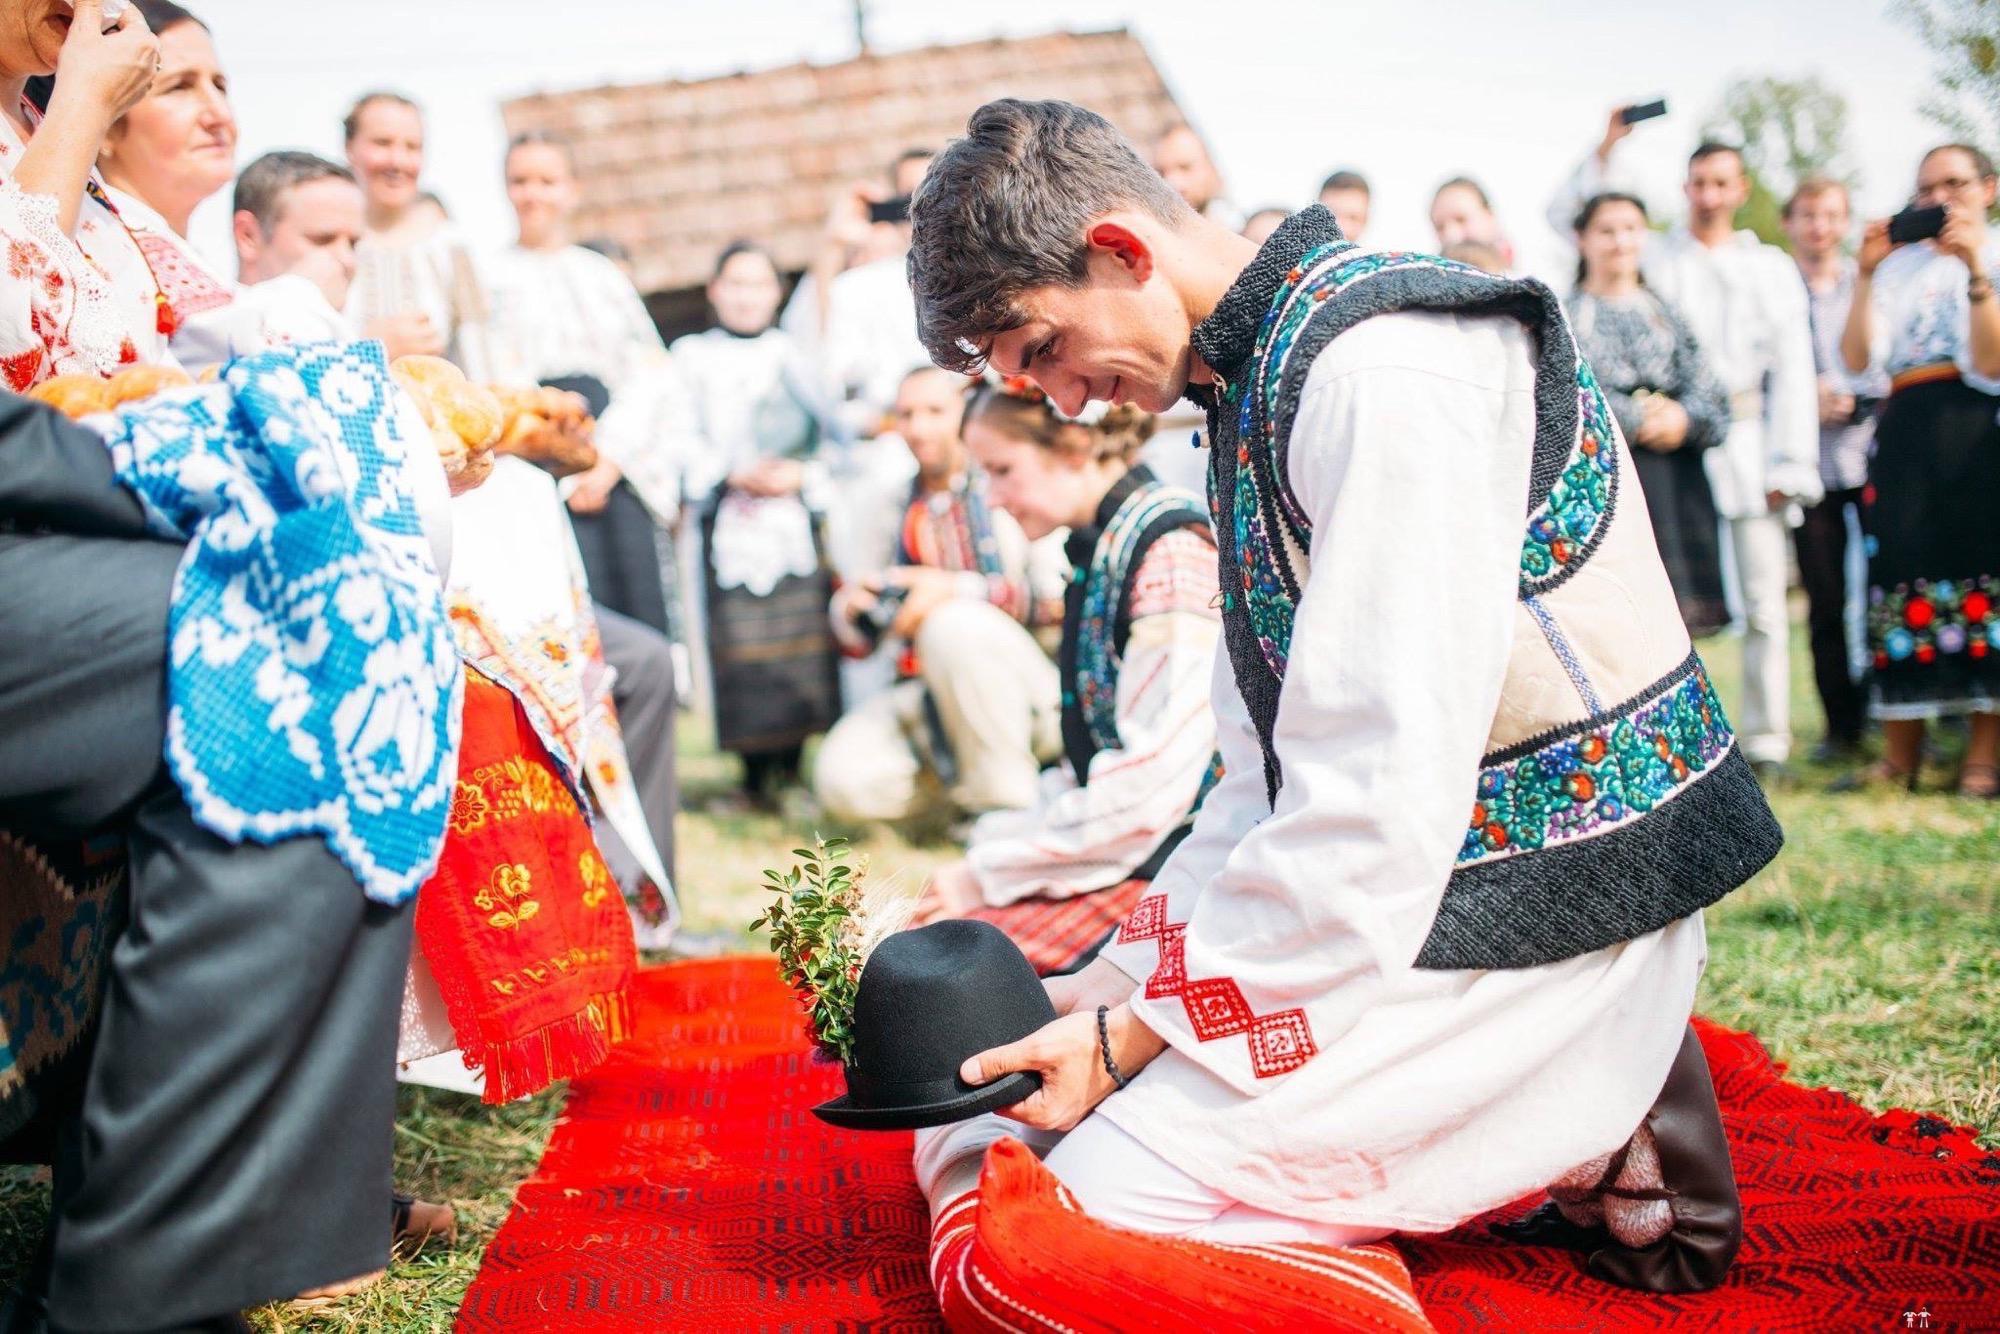 Povești Nunți Tradiționale - Andreea și Sergiu. Nuntă tradițională în Alba-Iulia 4